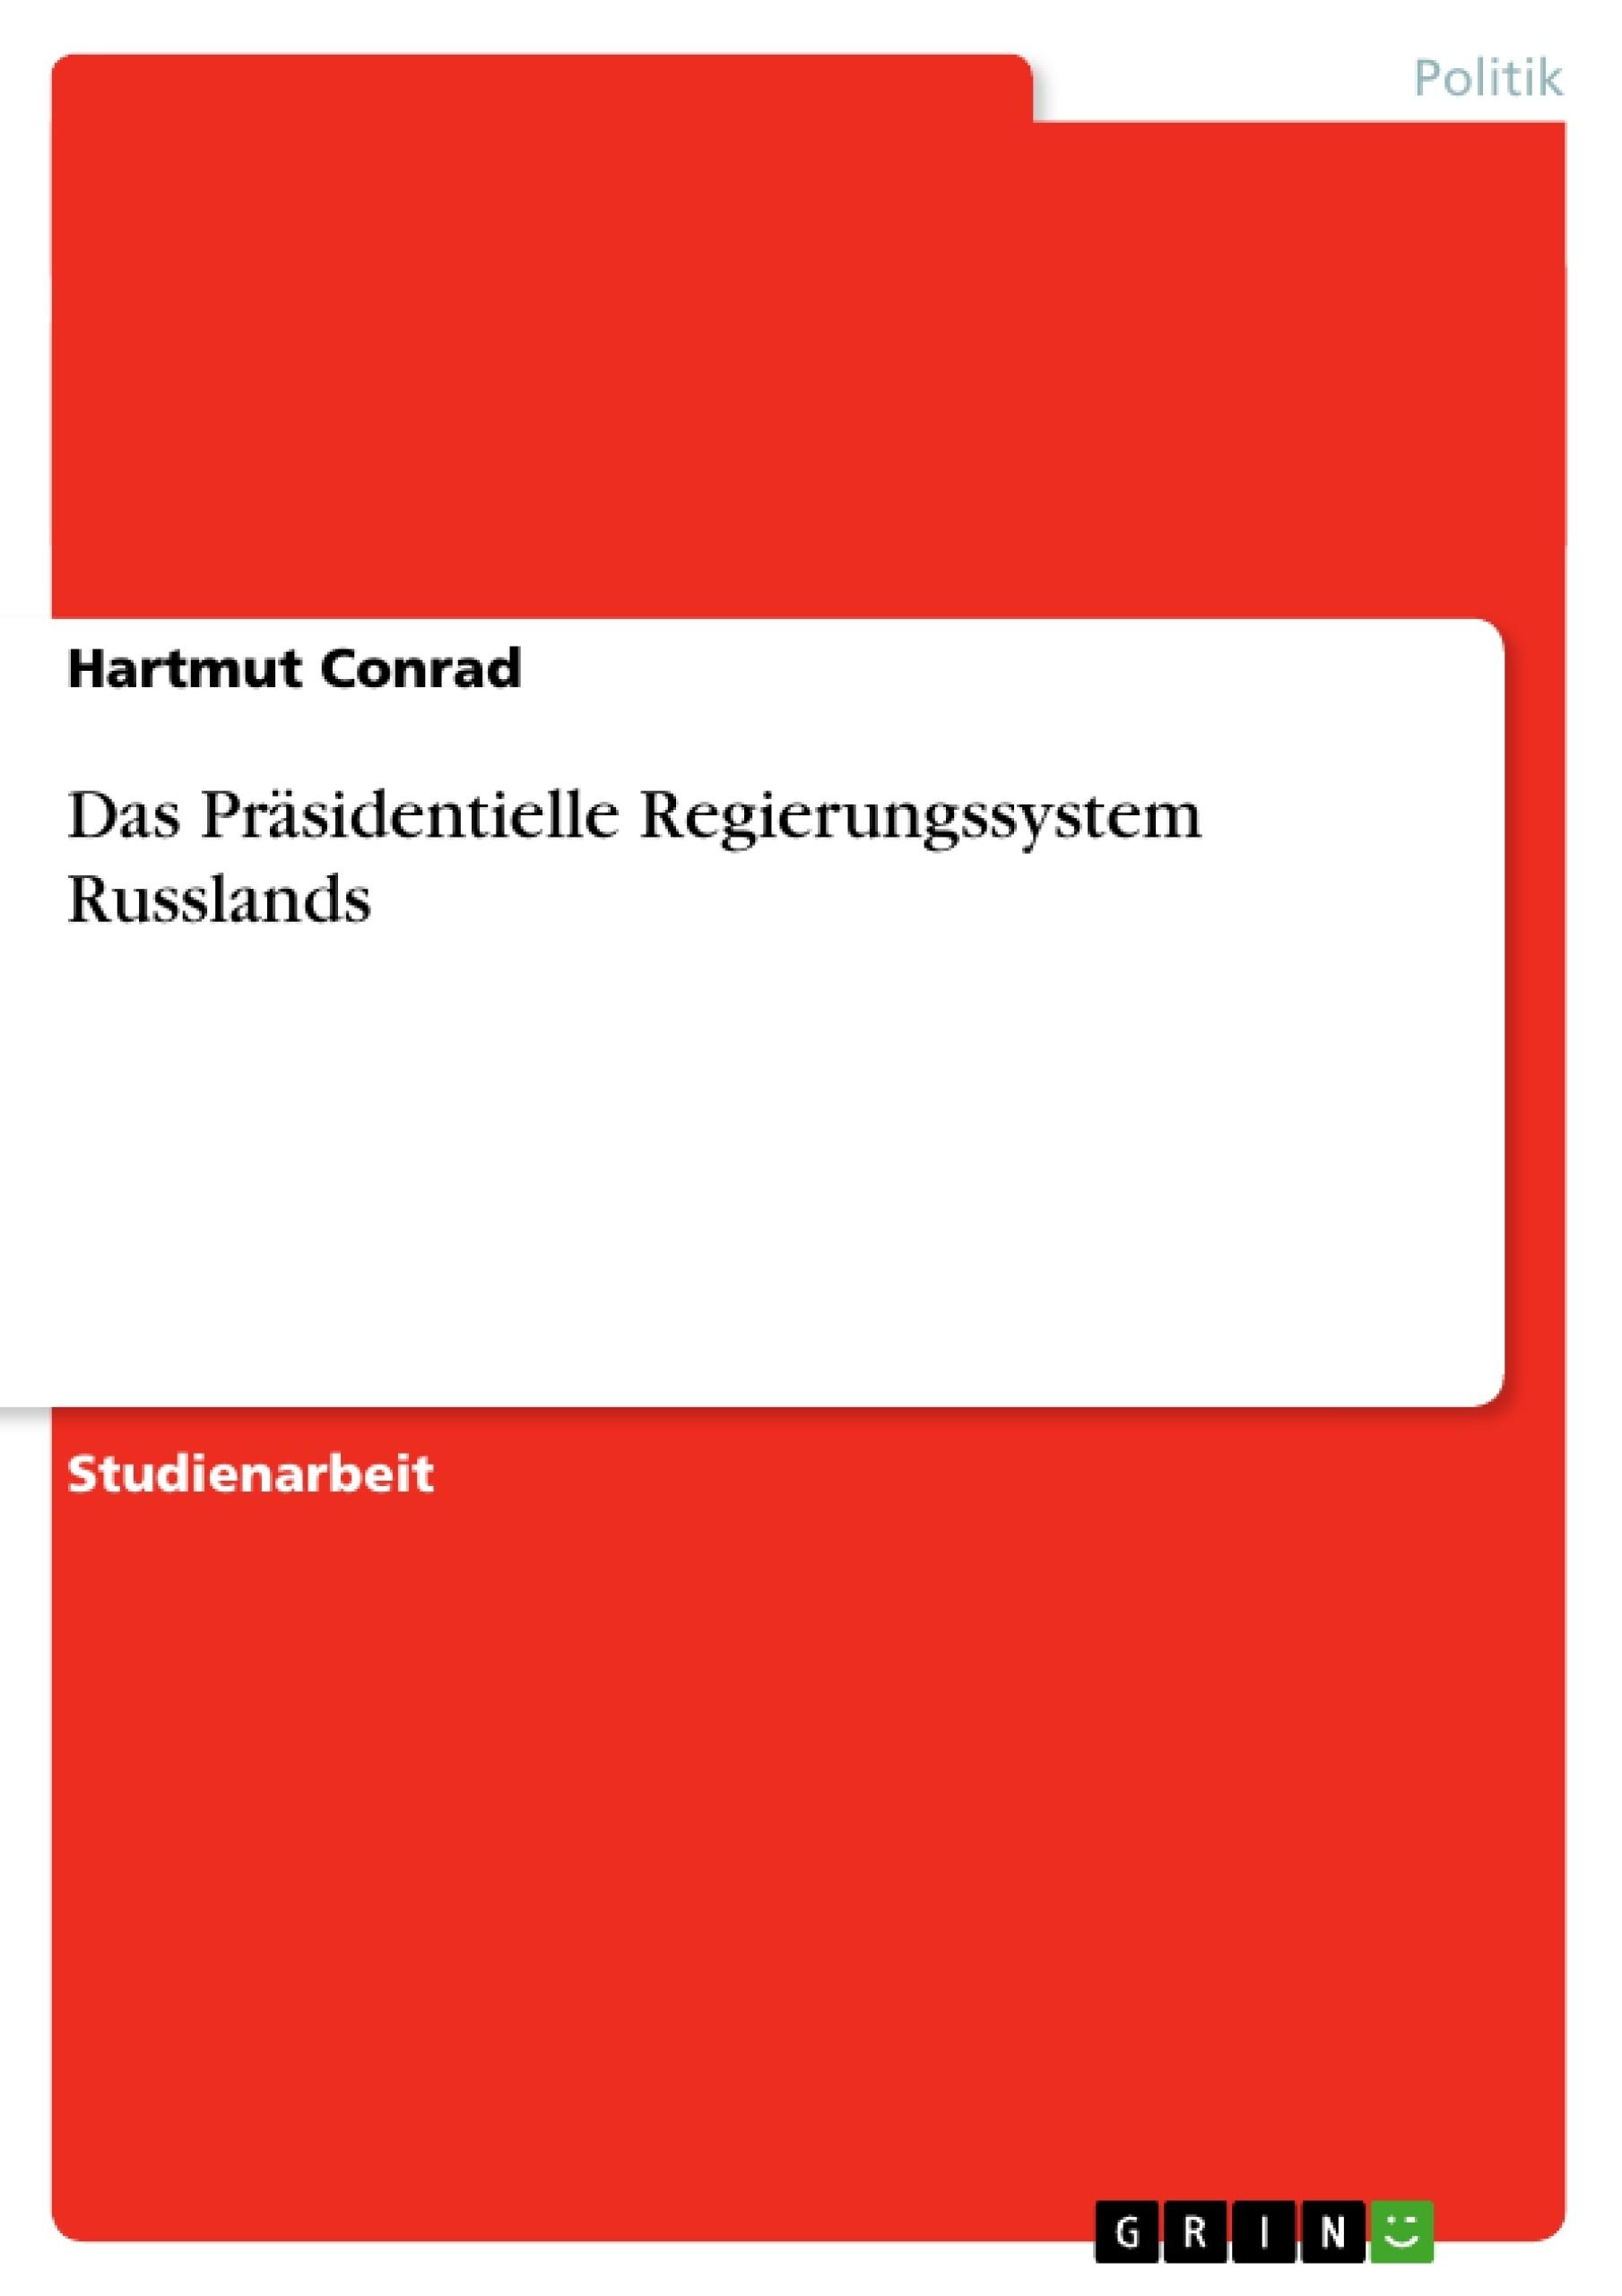 Das Präsidentielle Regierungssystem Russlands   GRIN